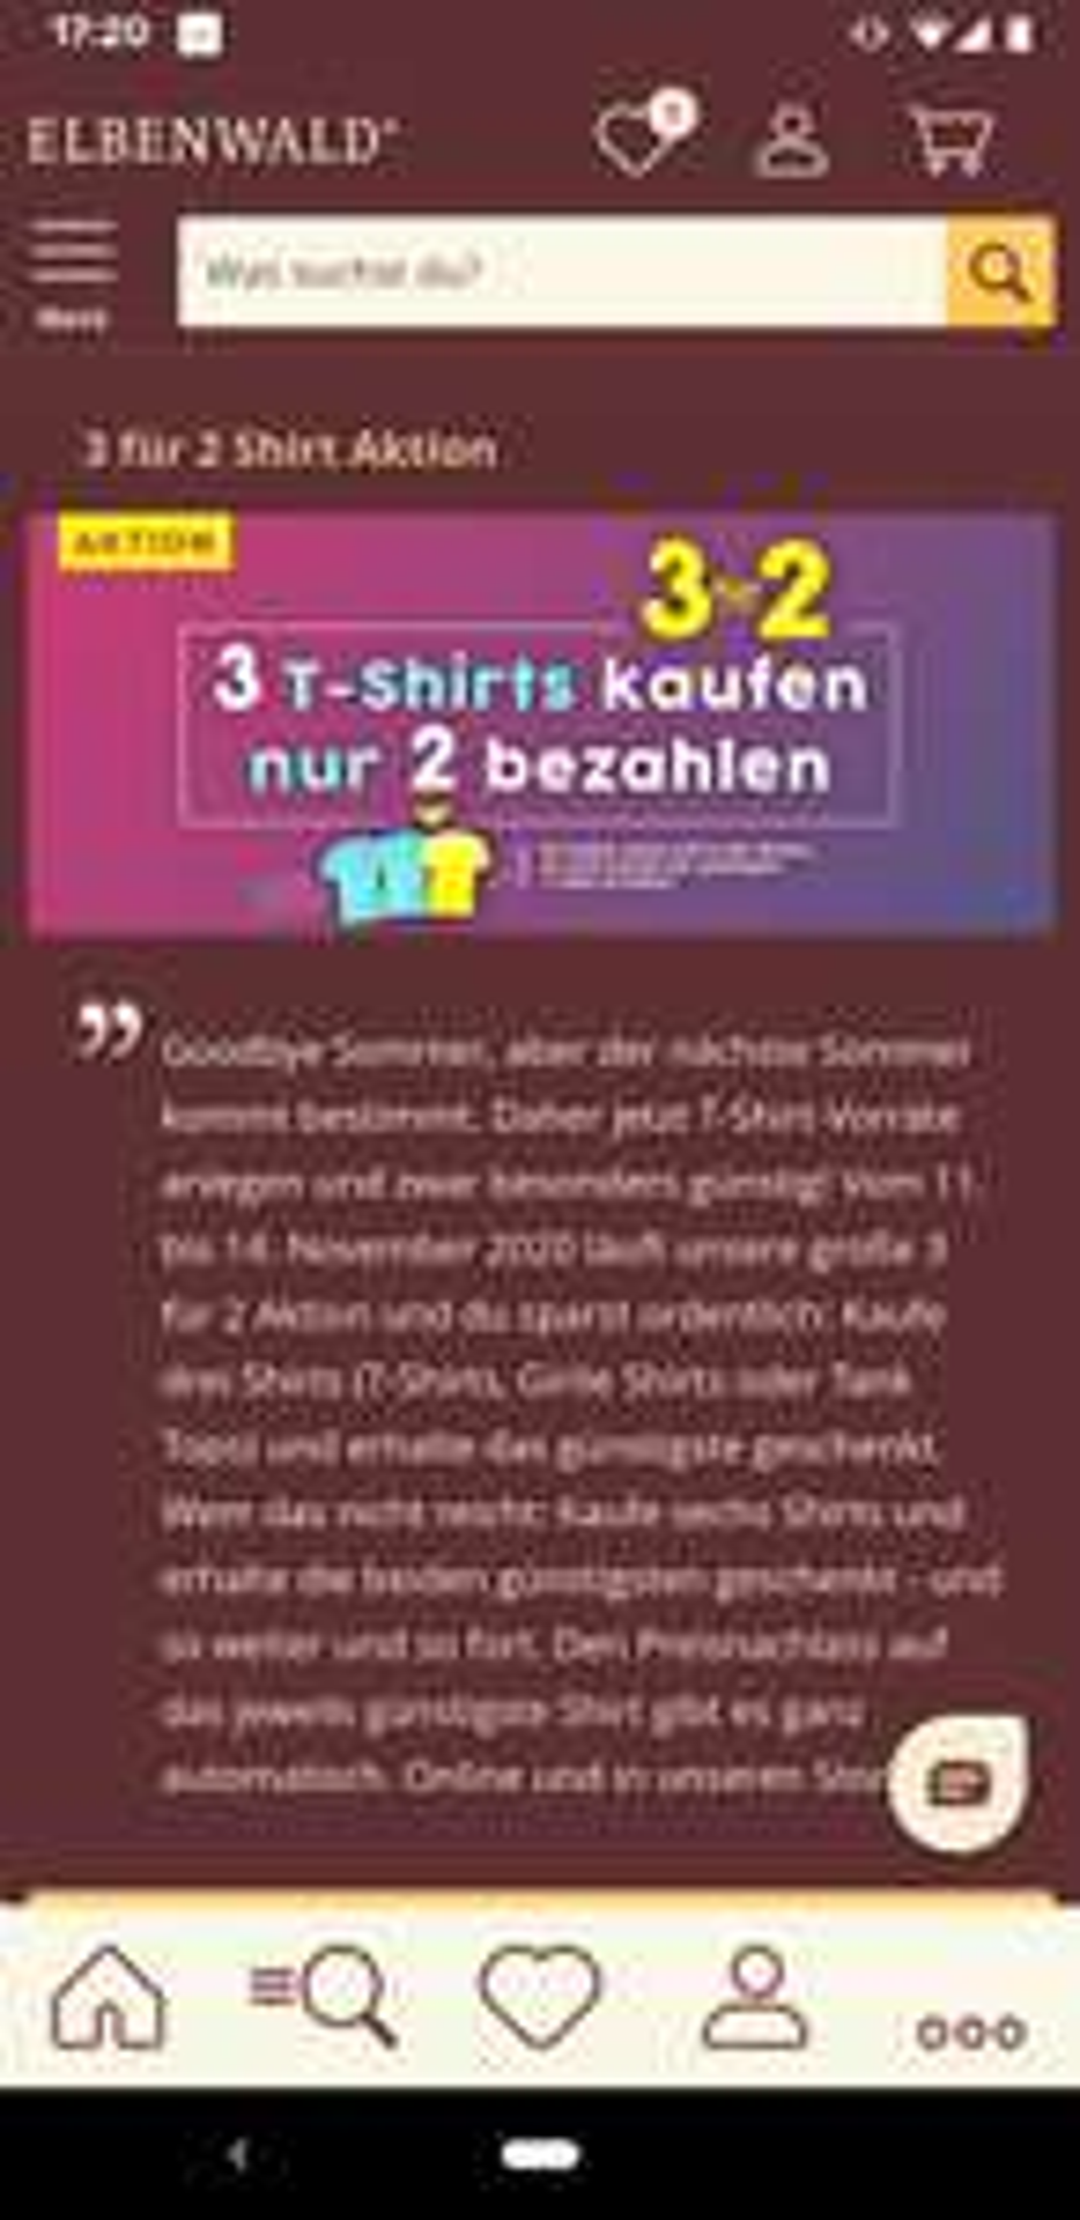 Elbenwald 3 T-Shirts zum Preis von 2 (1 T-Shirt gratis) fast 1700 Motive